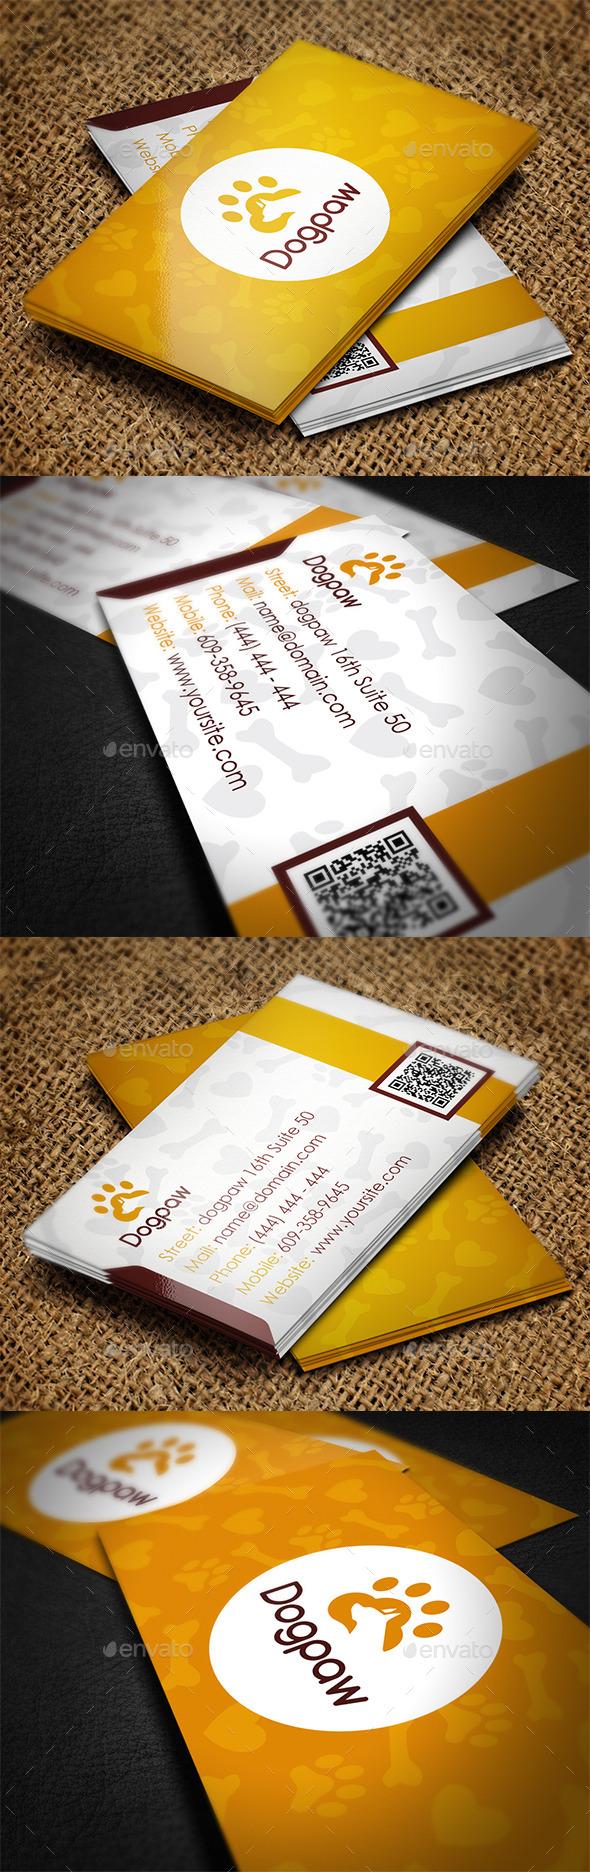 GraphicRiver Pet Shop Business Card 11490089